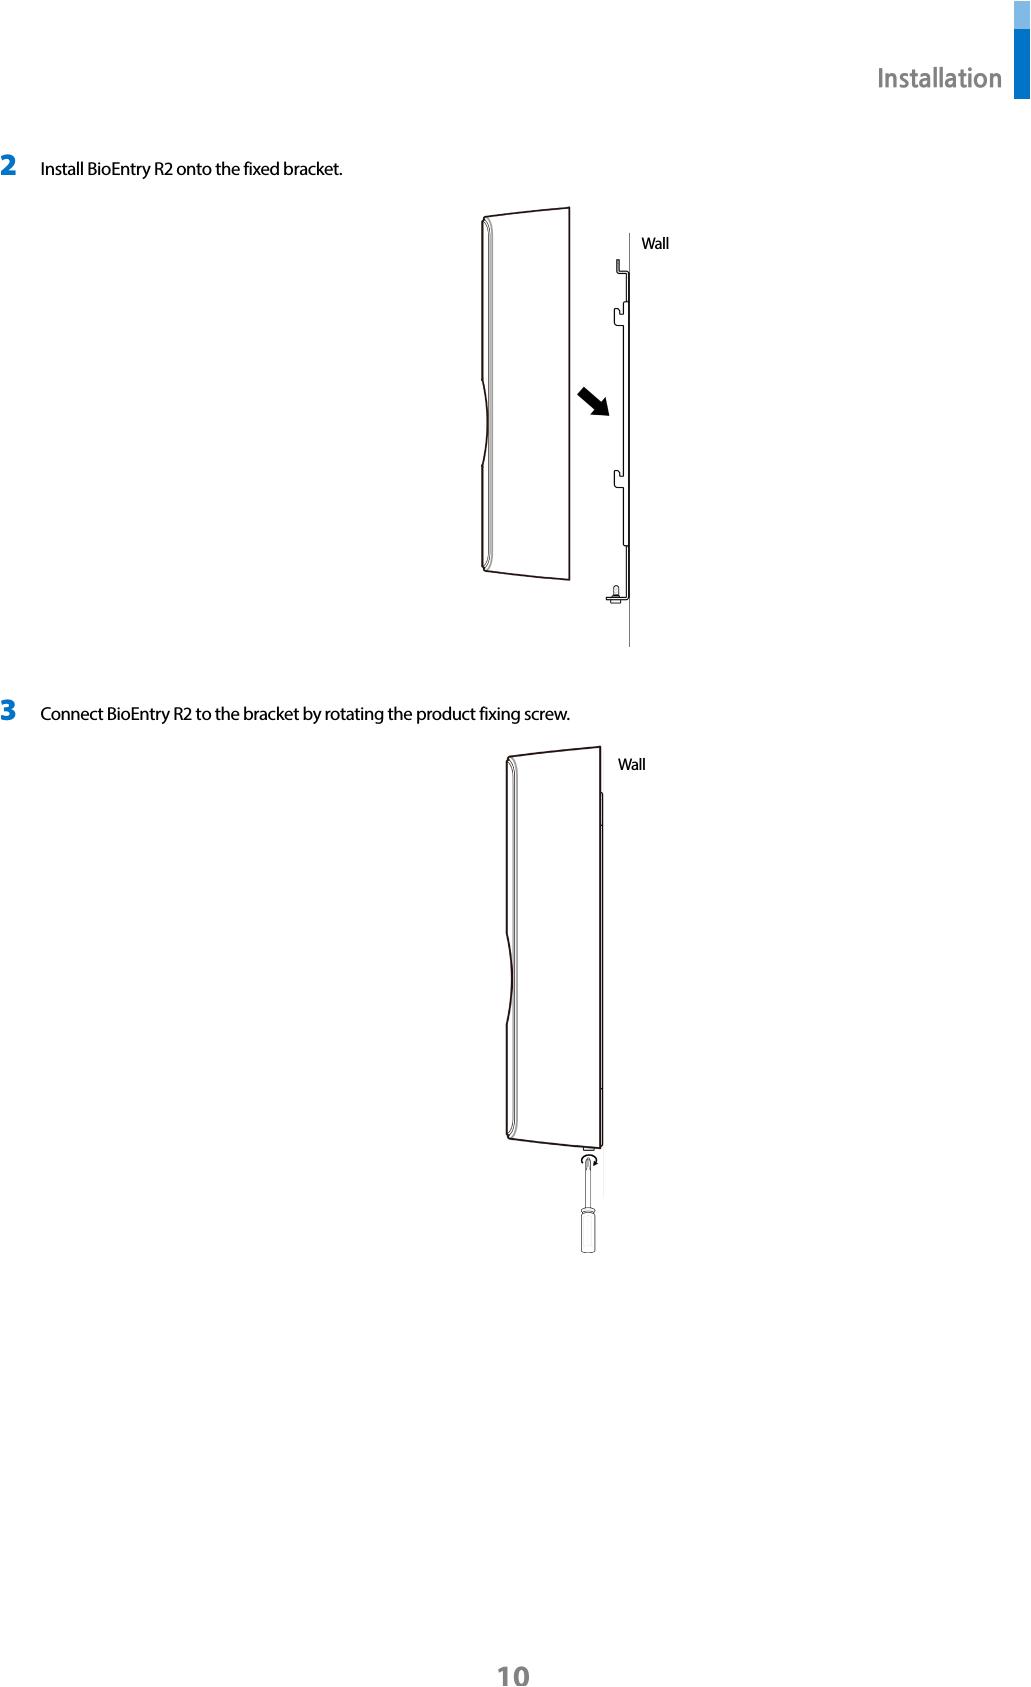 suprema bioentry plus wiring diagram elegant ber2 od bioentry r2 user manual users manual suprema inc